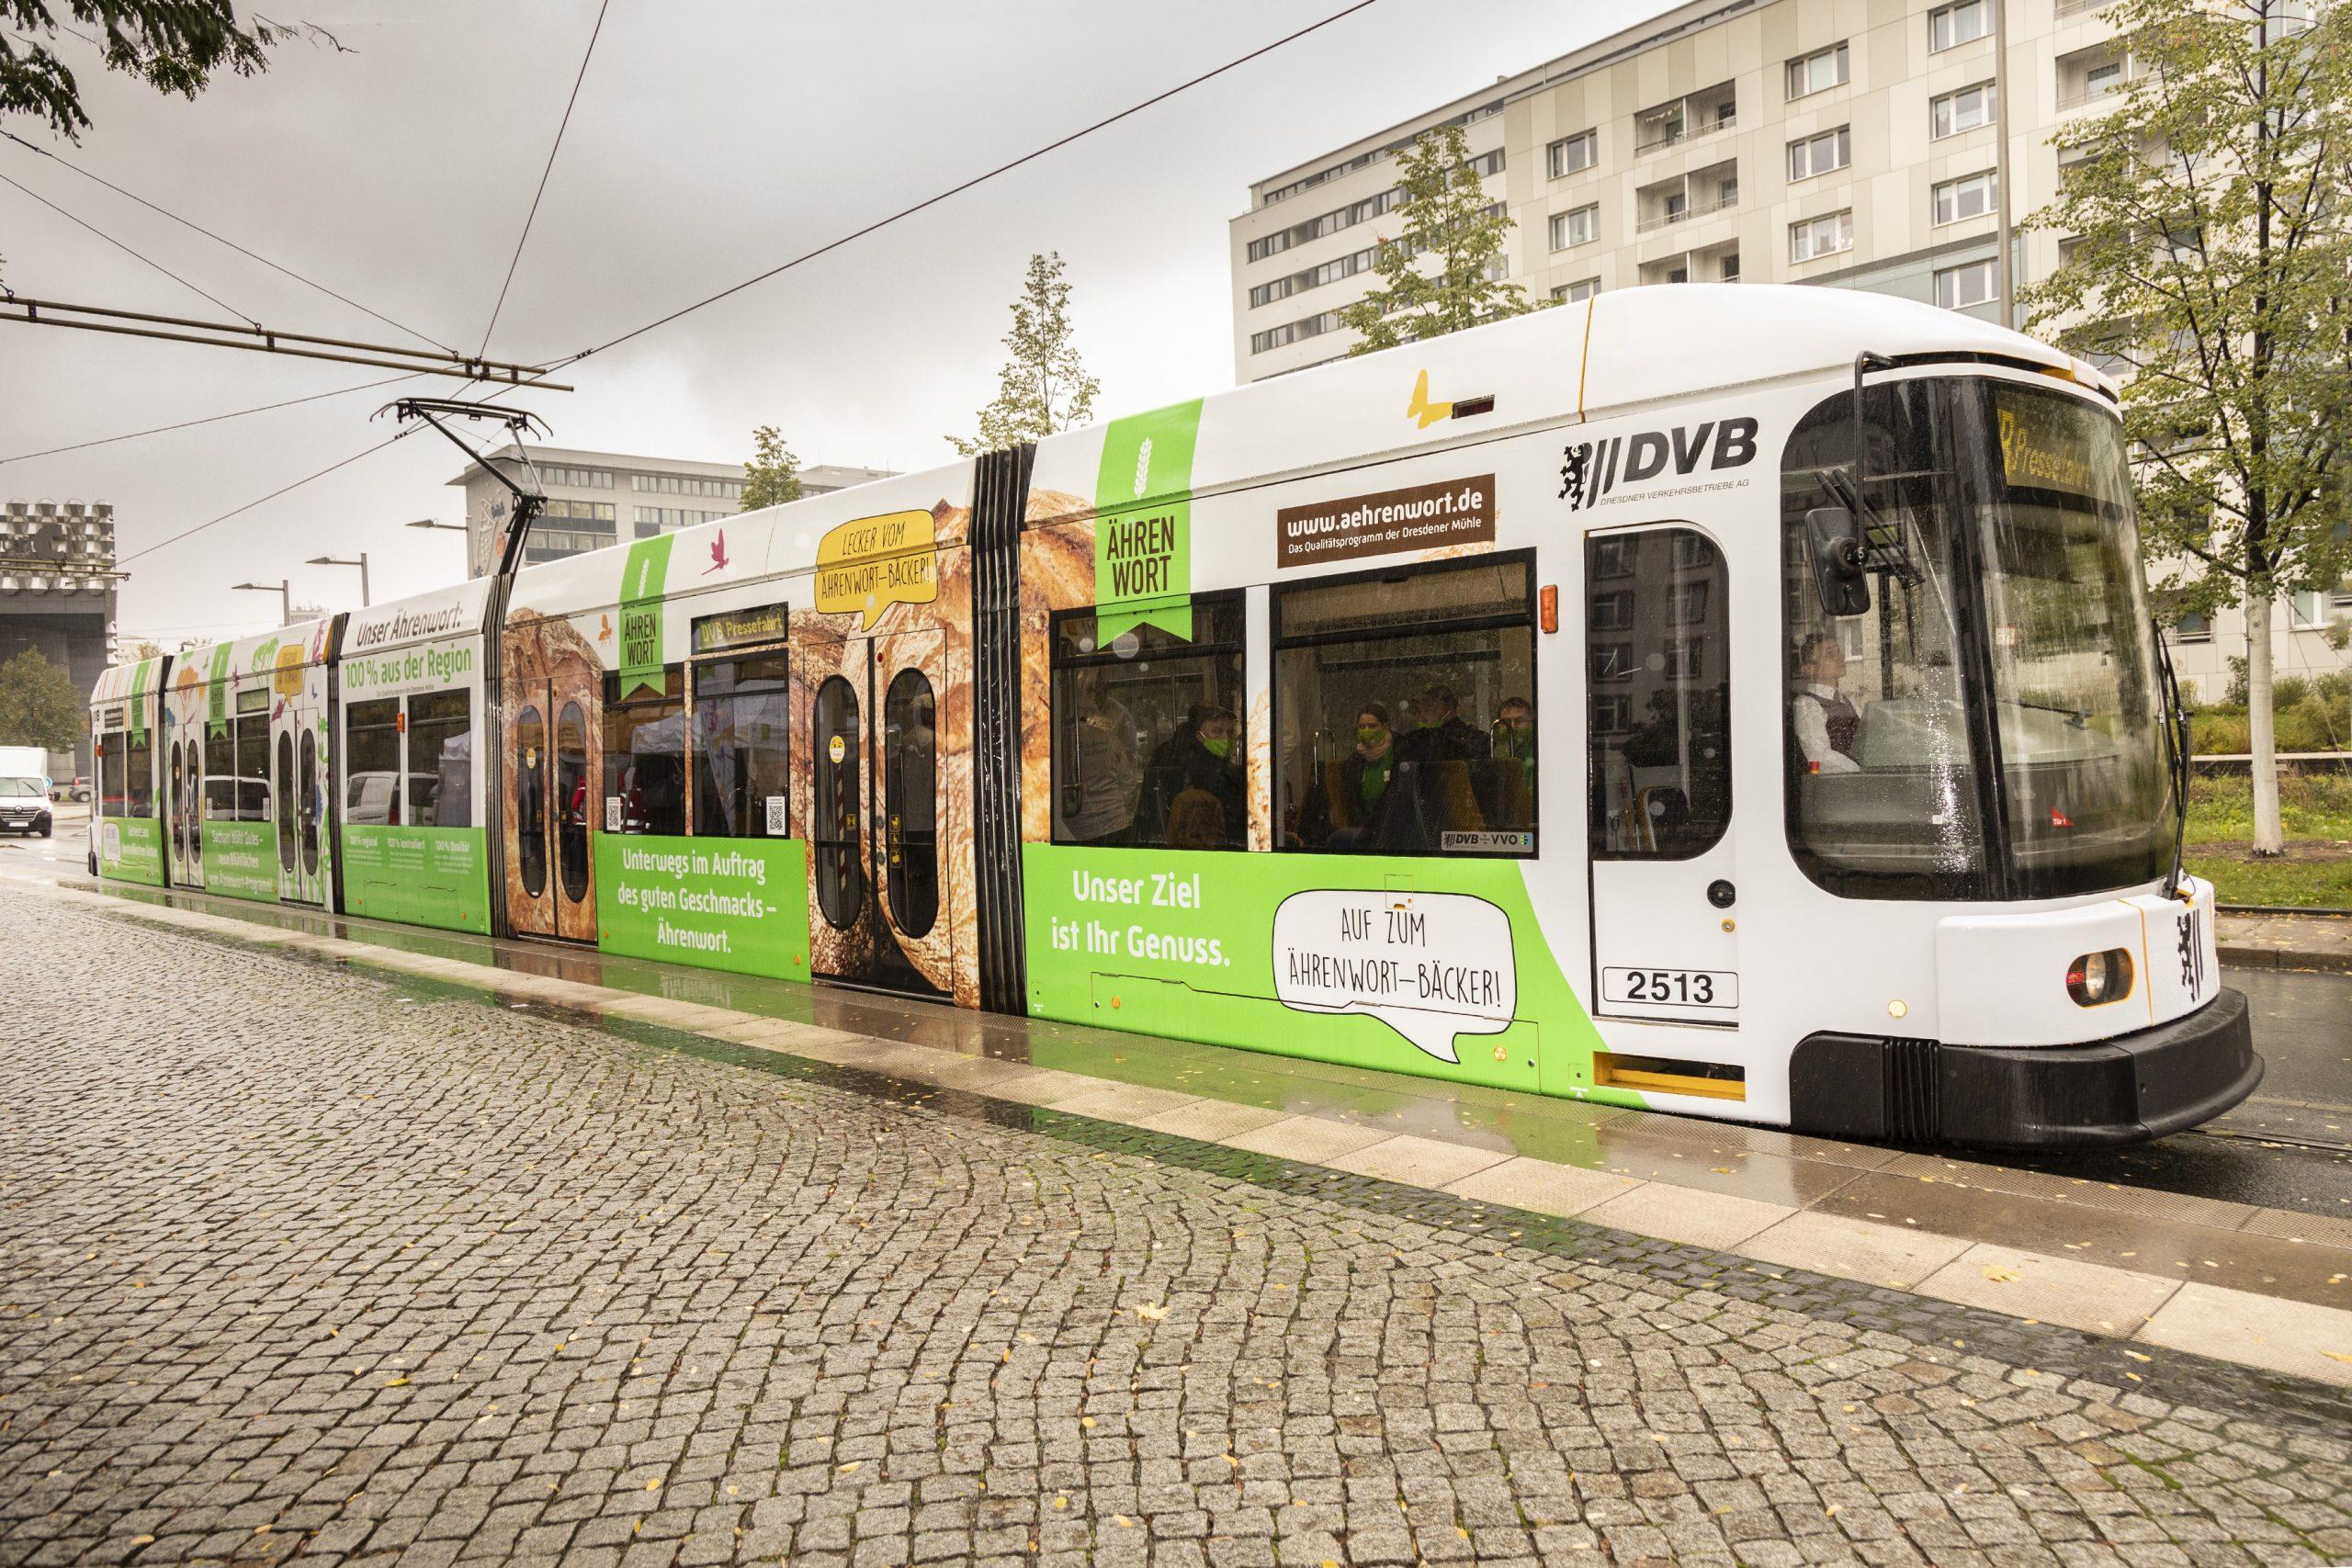 Die Straßenbahn im Ährenwort-Stil.